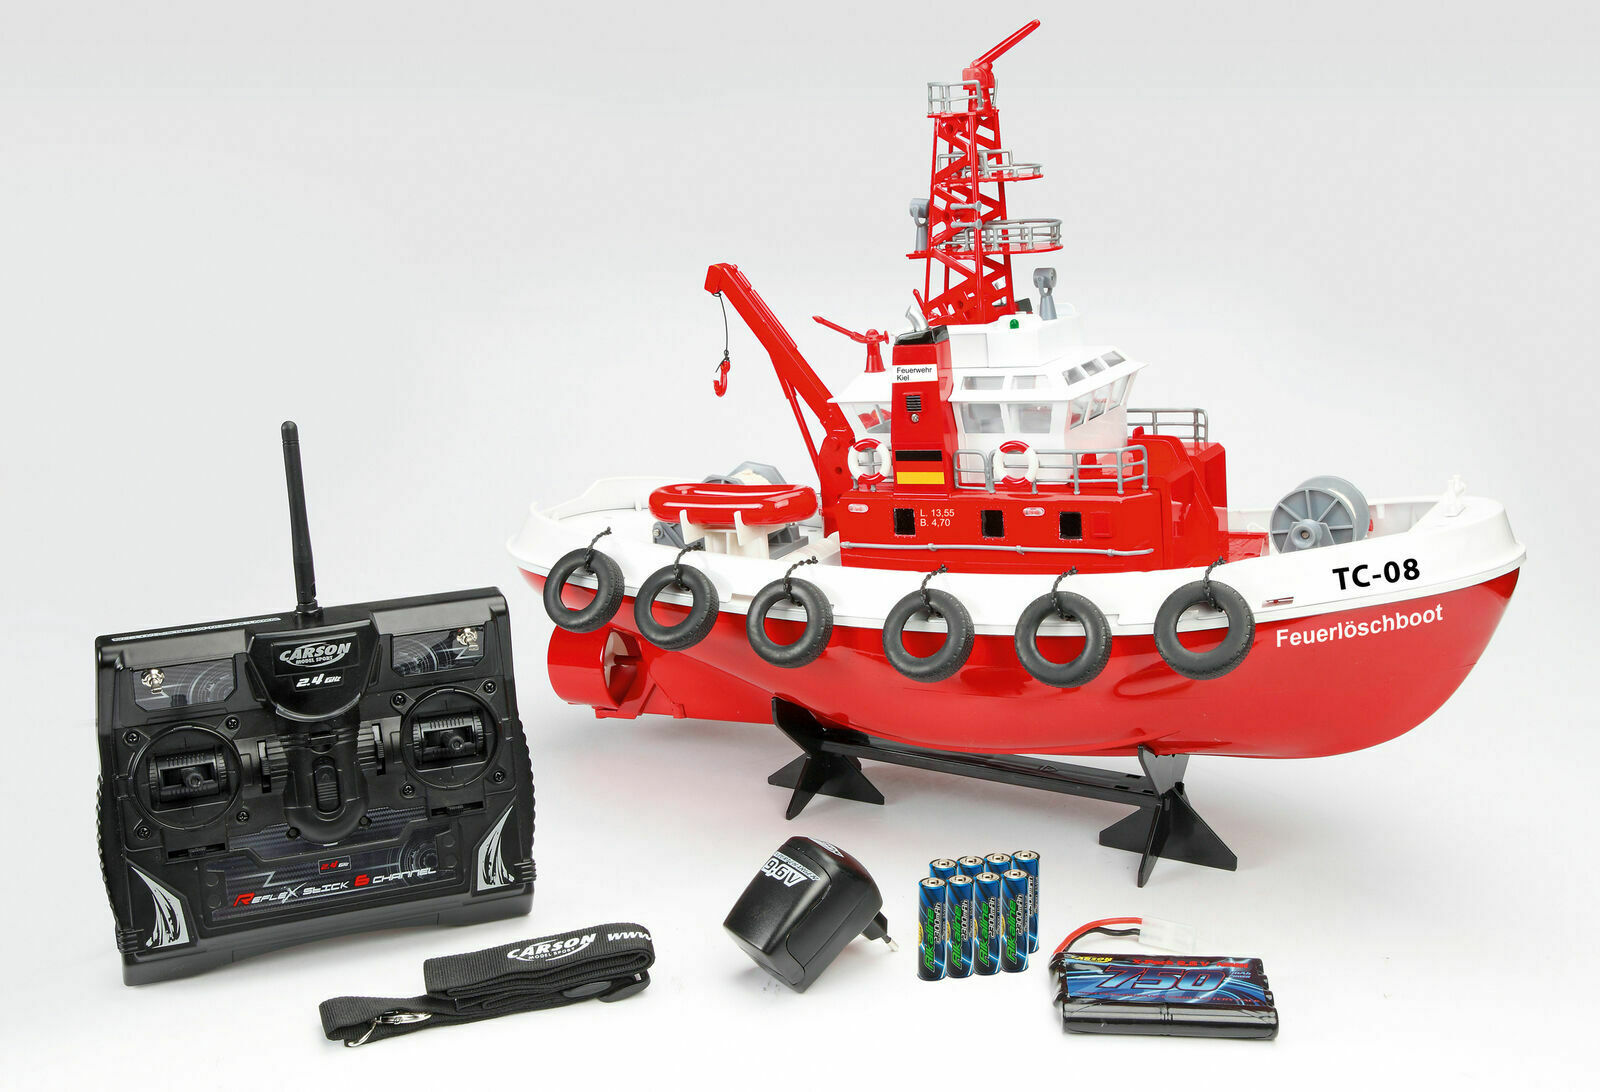 S-l1600 in RC Feuerlöschboot TC-08 von Carson